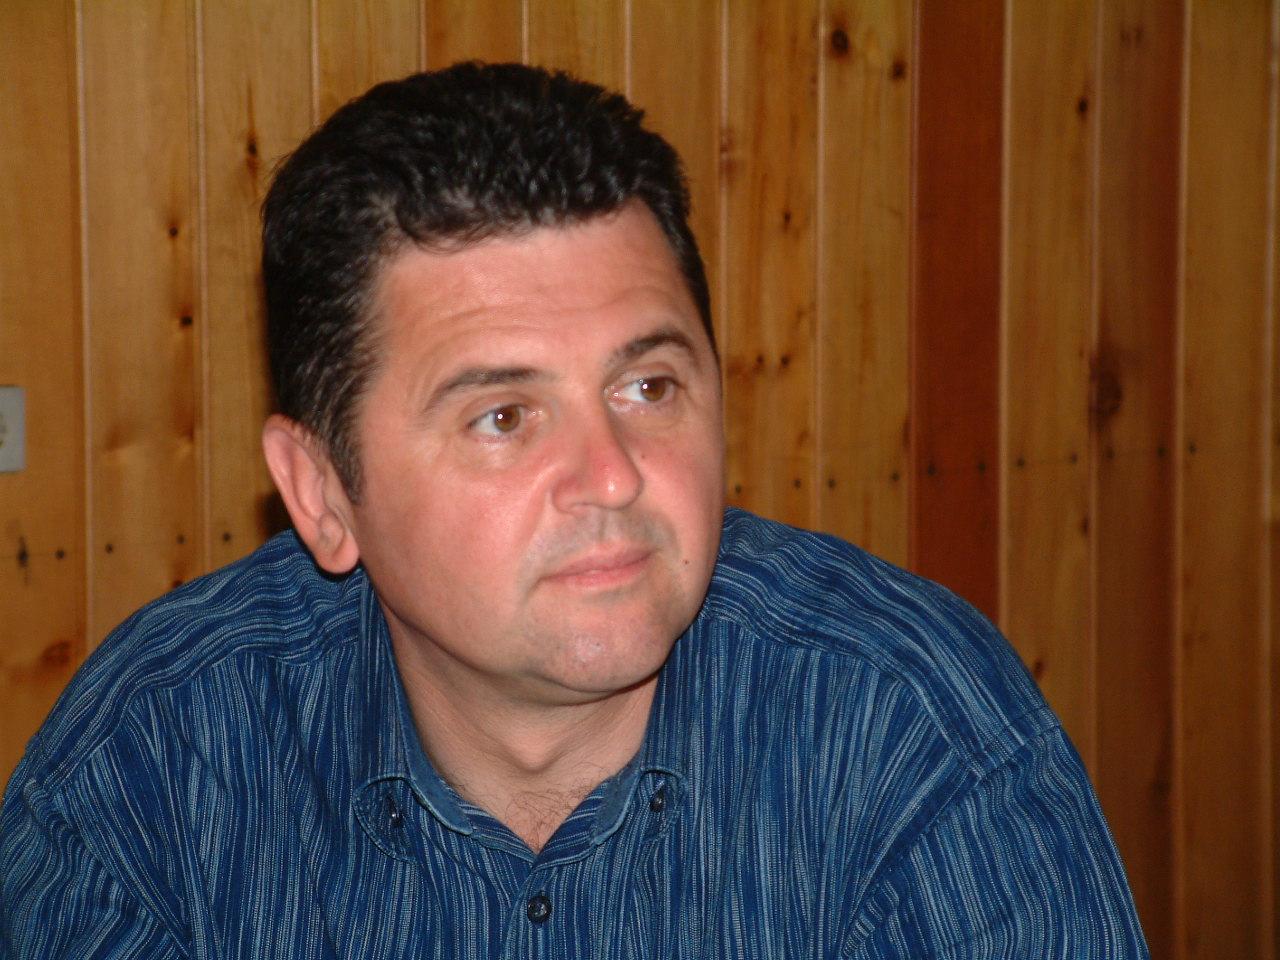 Deputatul PSD Eugen Bejinariu află luni dacă va fi urmărit penal de DNA în dosarul Microsoft 2. Camera Deputaților va da votul final.